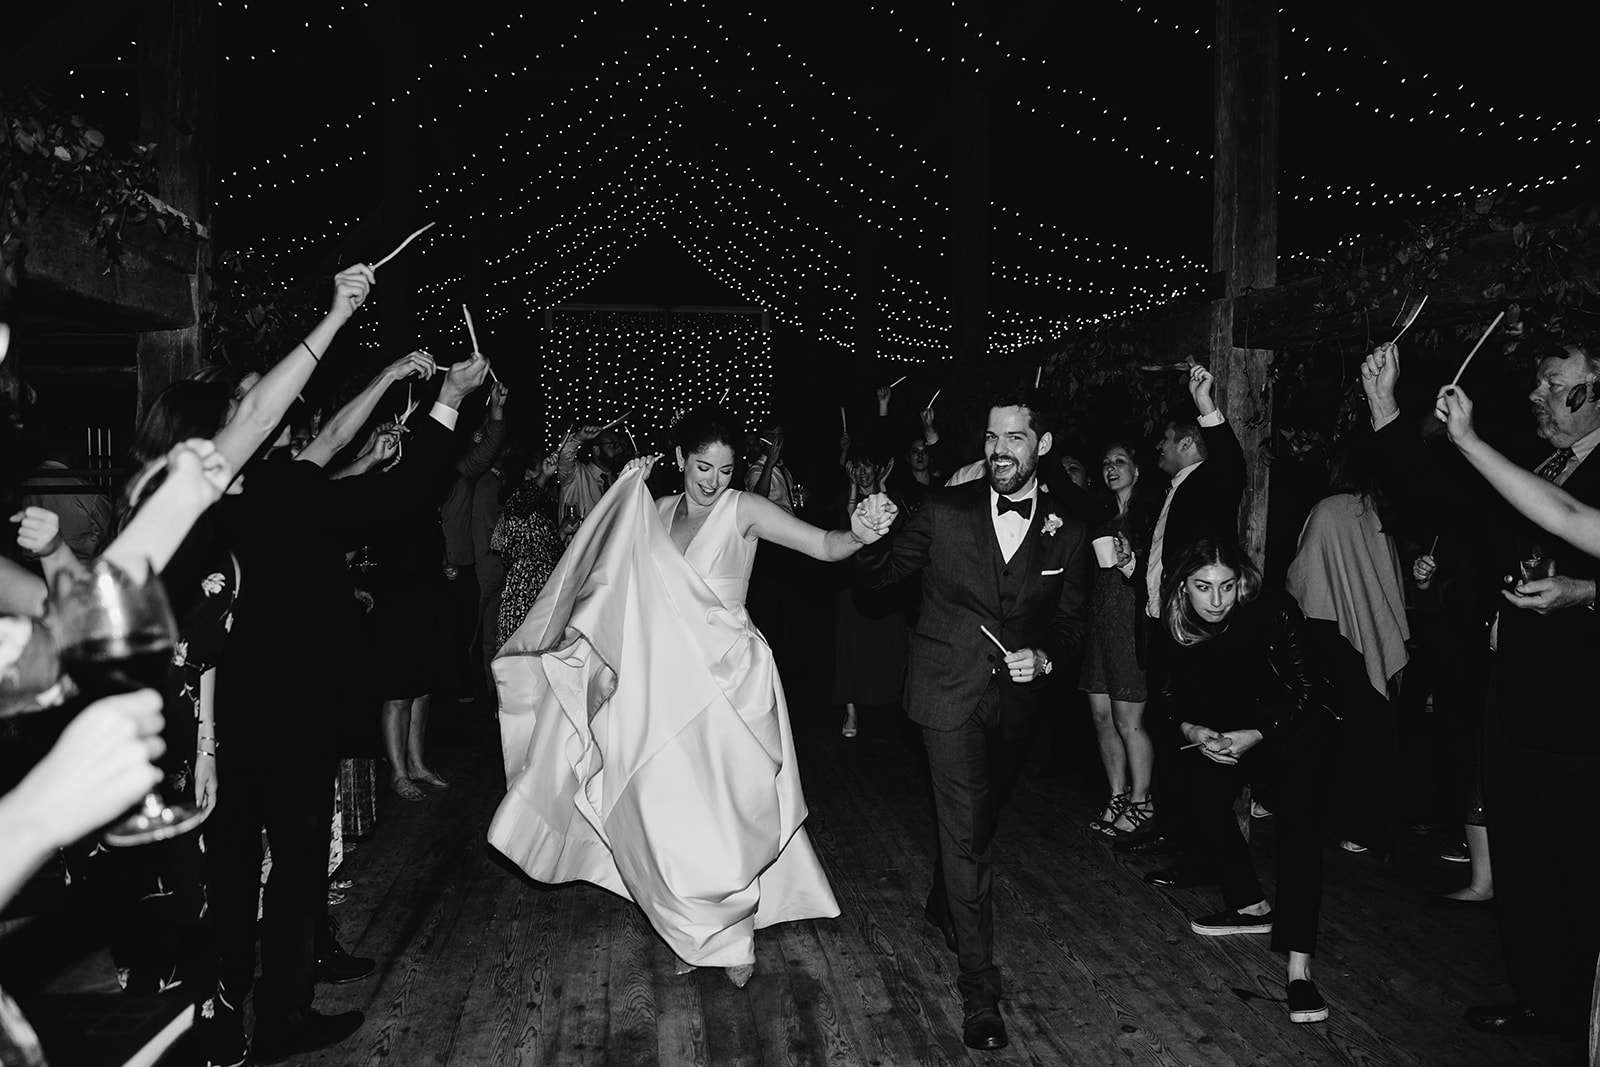 Bride and groom exiting reception